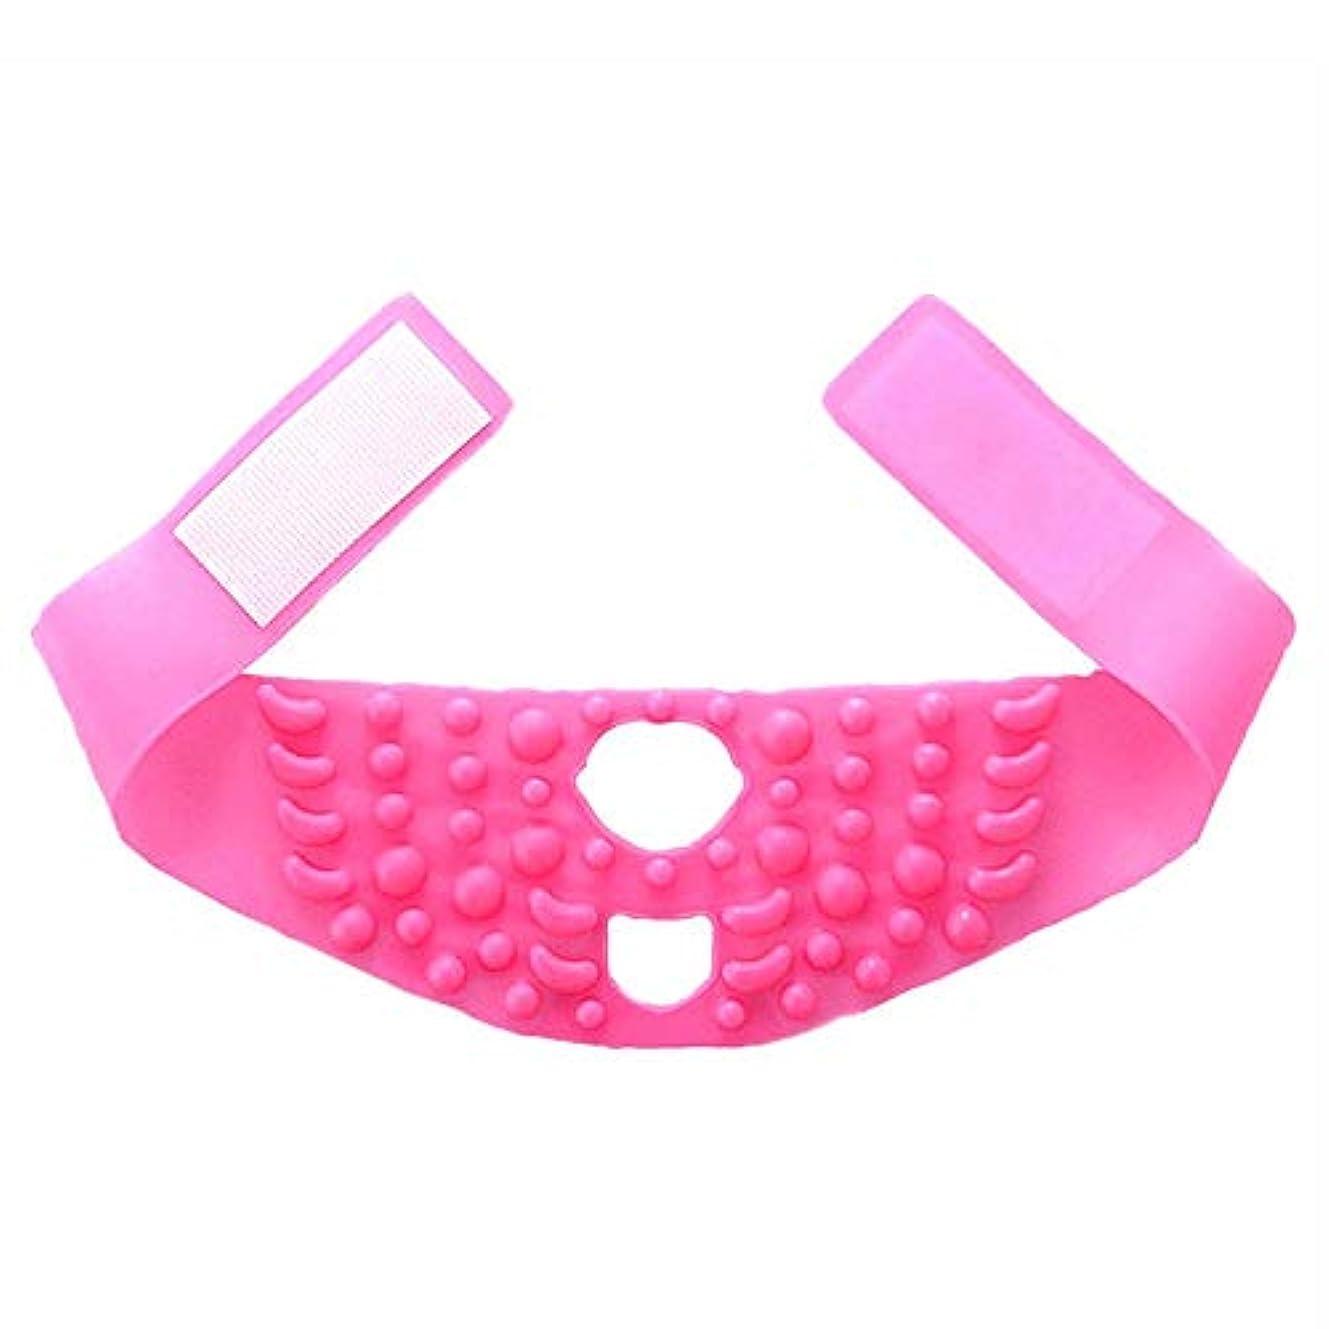 水を飲むコンソール疑問を超えてシンフェイスマスクシリコーンマッサージ引き締まった形の小さなVフェイスリフティングに薄いフェイスアーティファクト包帯を飾る - ピンク